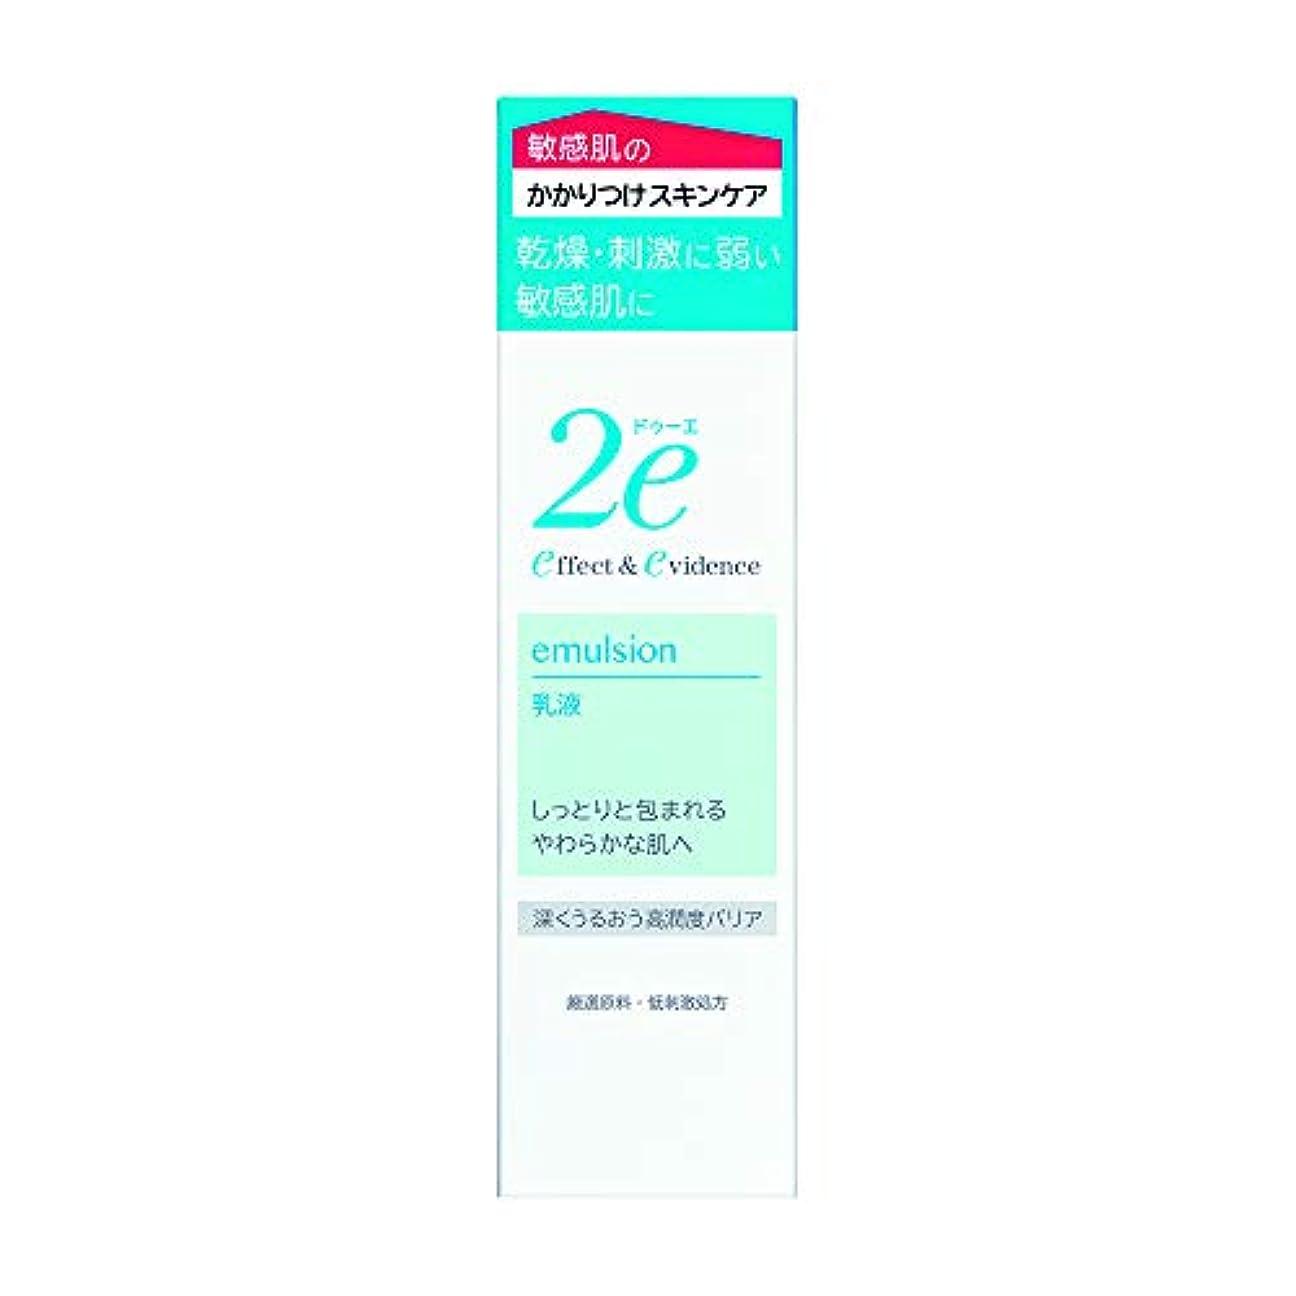 してはいけませんタンカーアンペア2e(ドゥーエ) 乳液 敏感肌用乳液 低刺激処方 深くうるおう高潤度バリア 140ml 化粧水